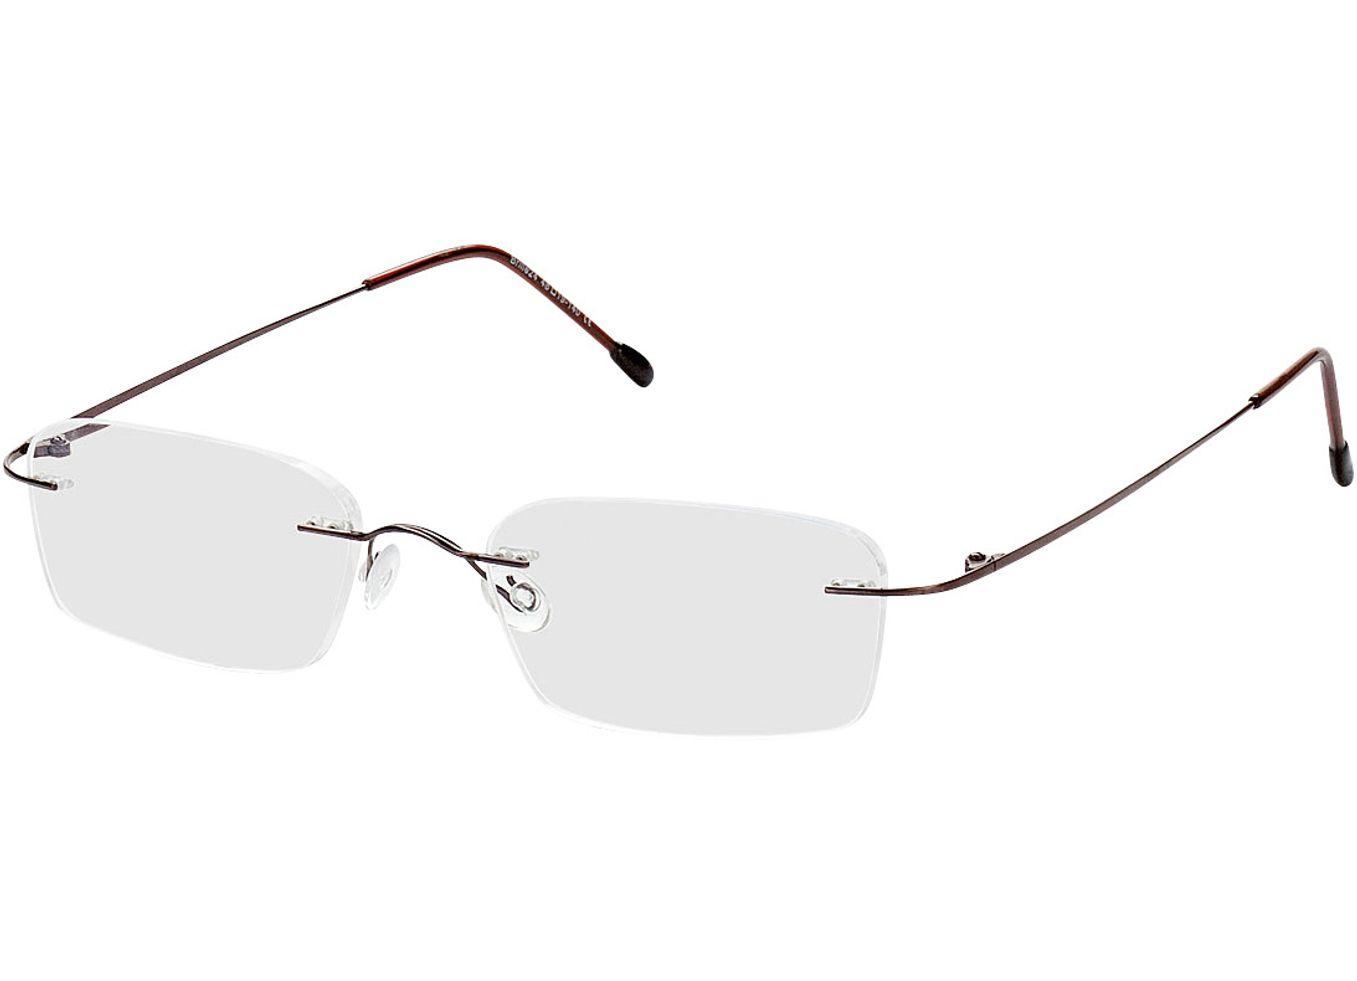 1375-singlevision-0000 Davos-braun Gleitsichtbrille, Randlos, Rechteckig Brille24 Collection